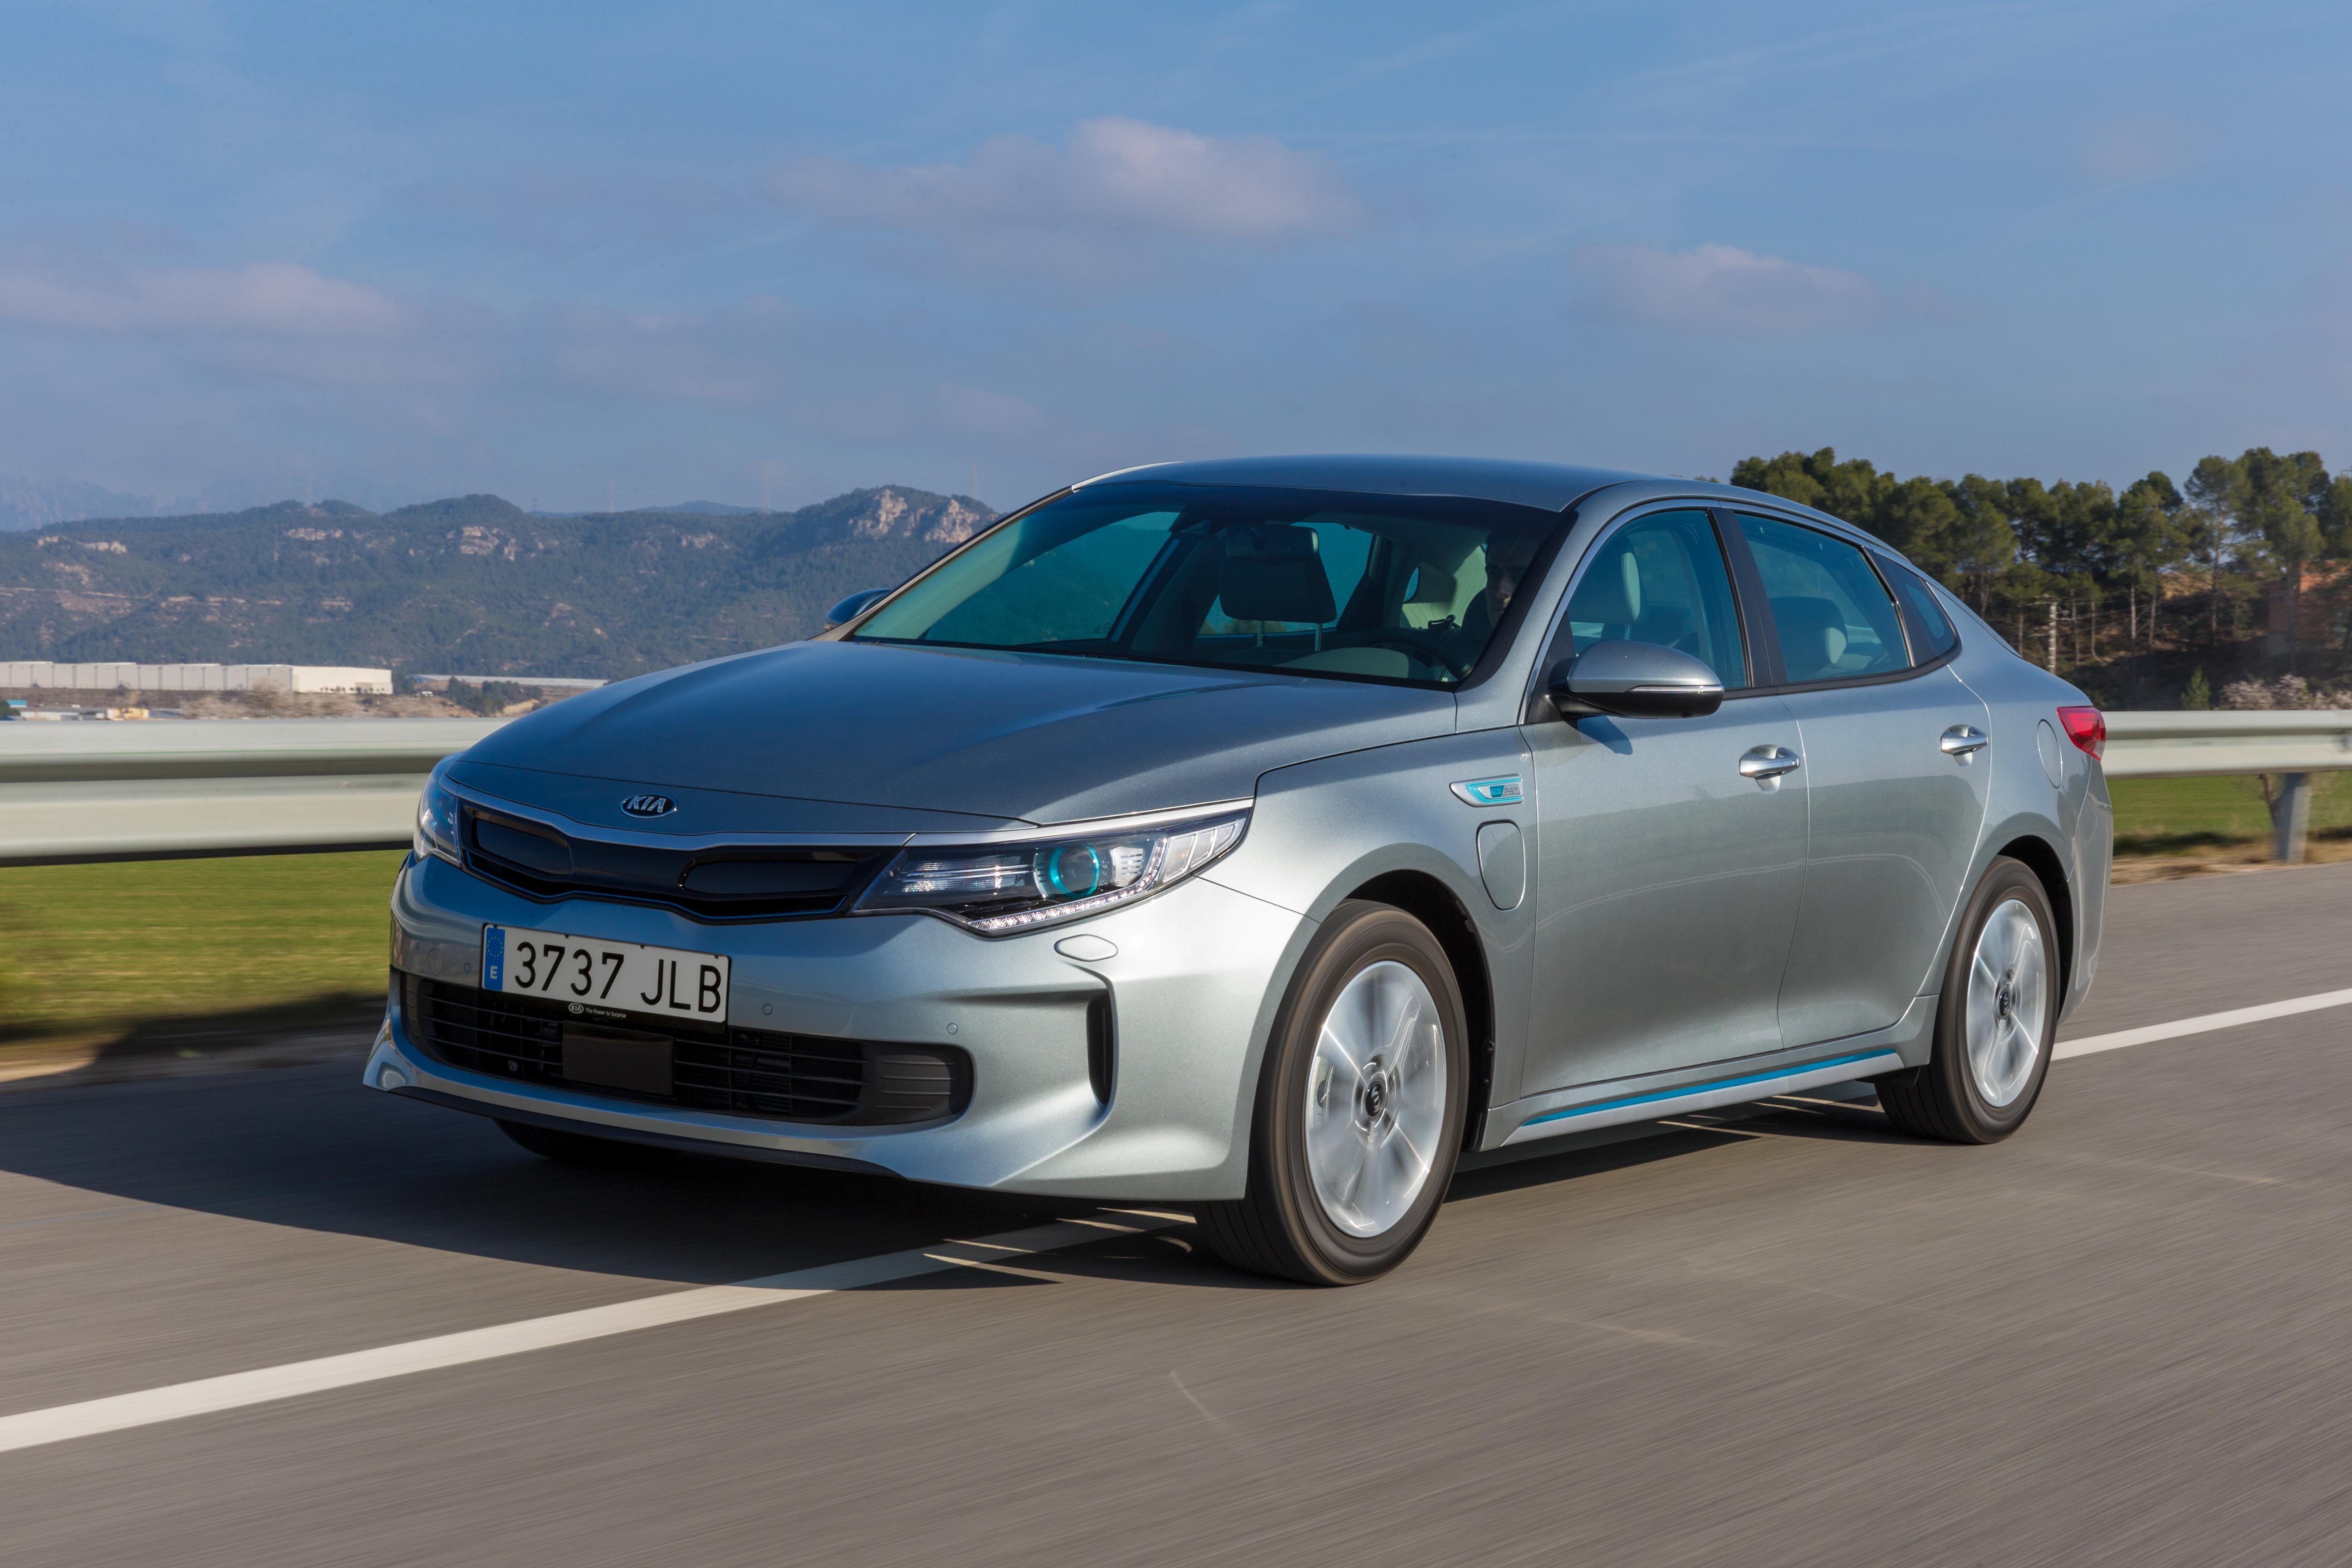 Kia Optima hybride rechargeable : un prix défiant toute concurrence?